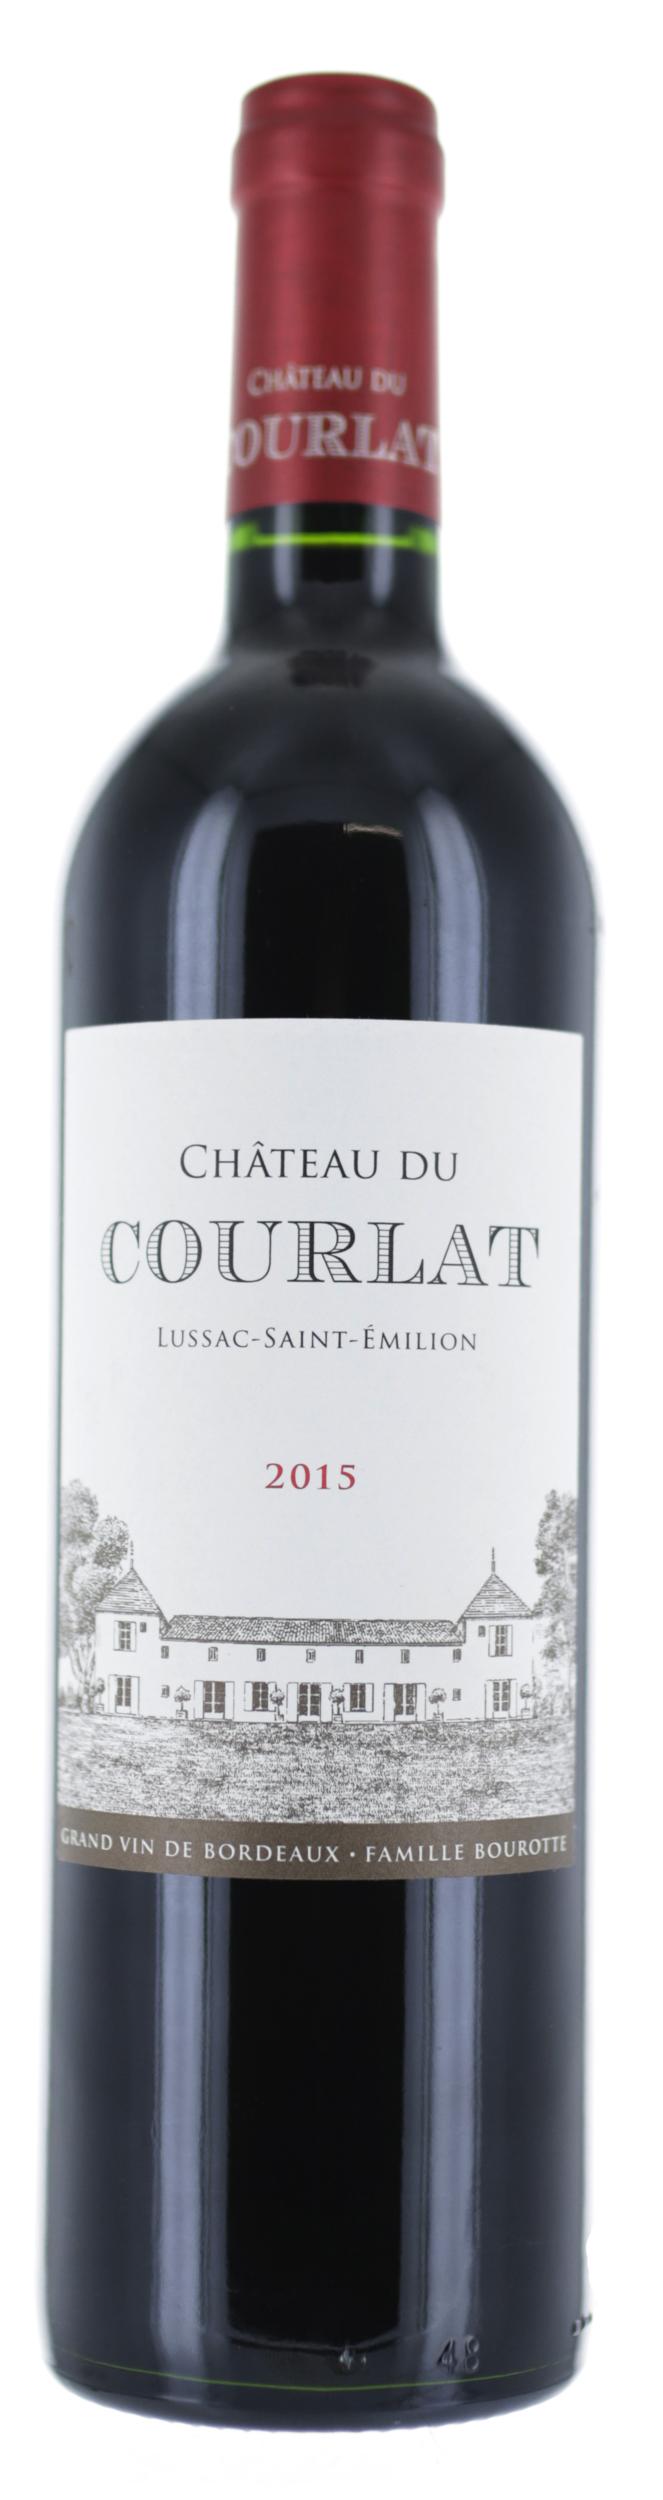 Lussac Saint Emilion - Château du Courlat - 2015